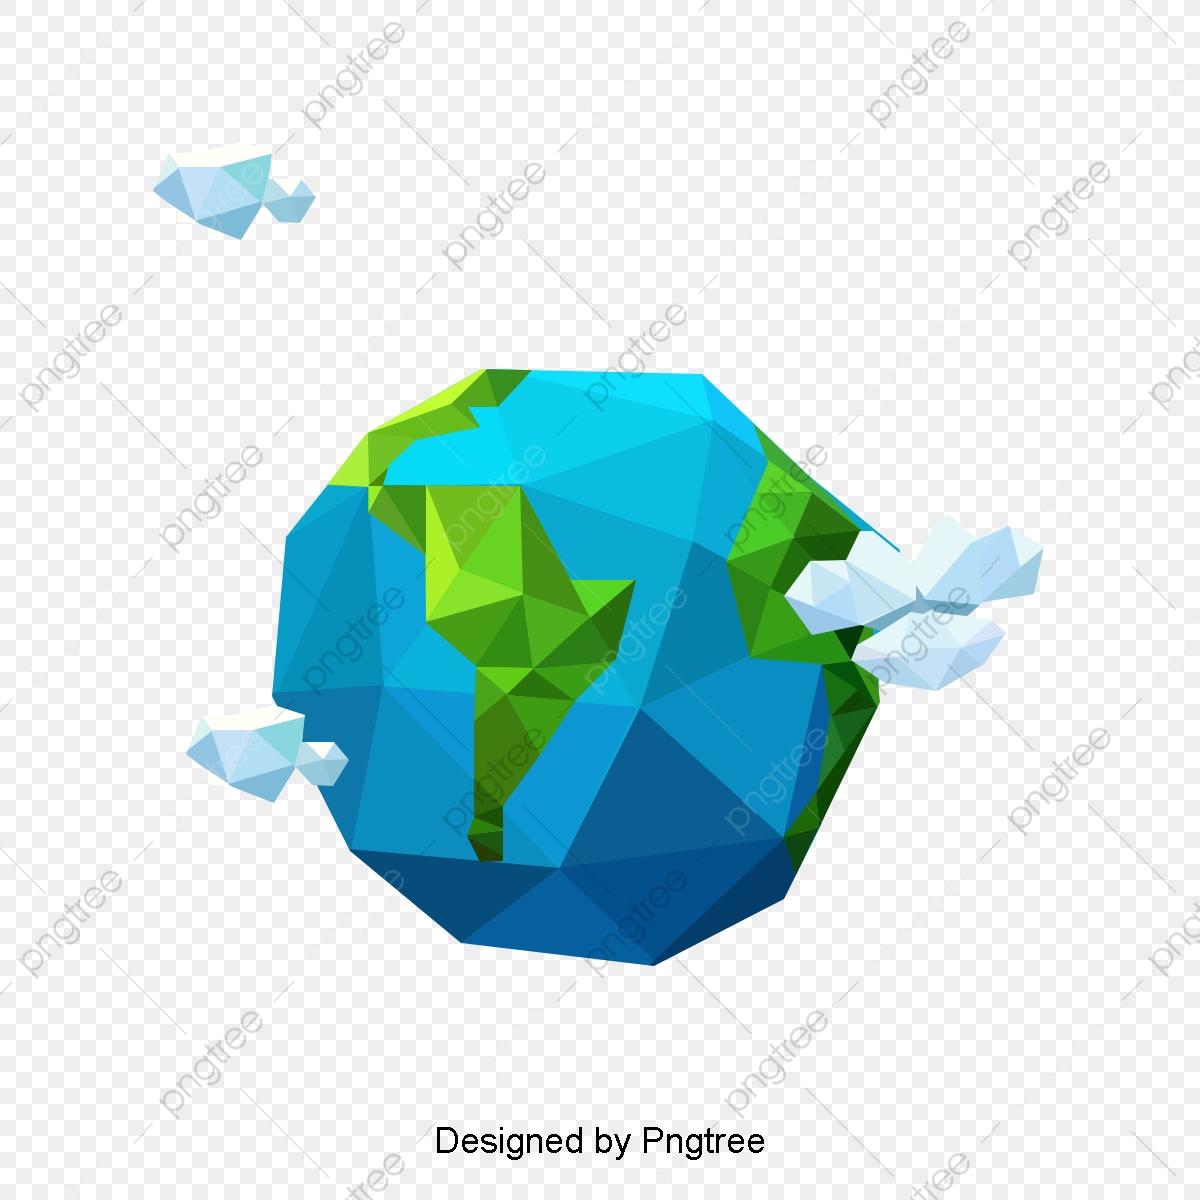 無料ダウンロードのための靑地球 地球 地球の写真 3 D地球png画像素材